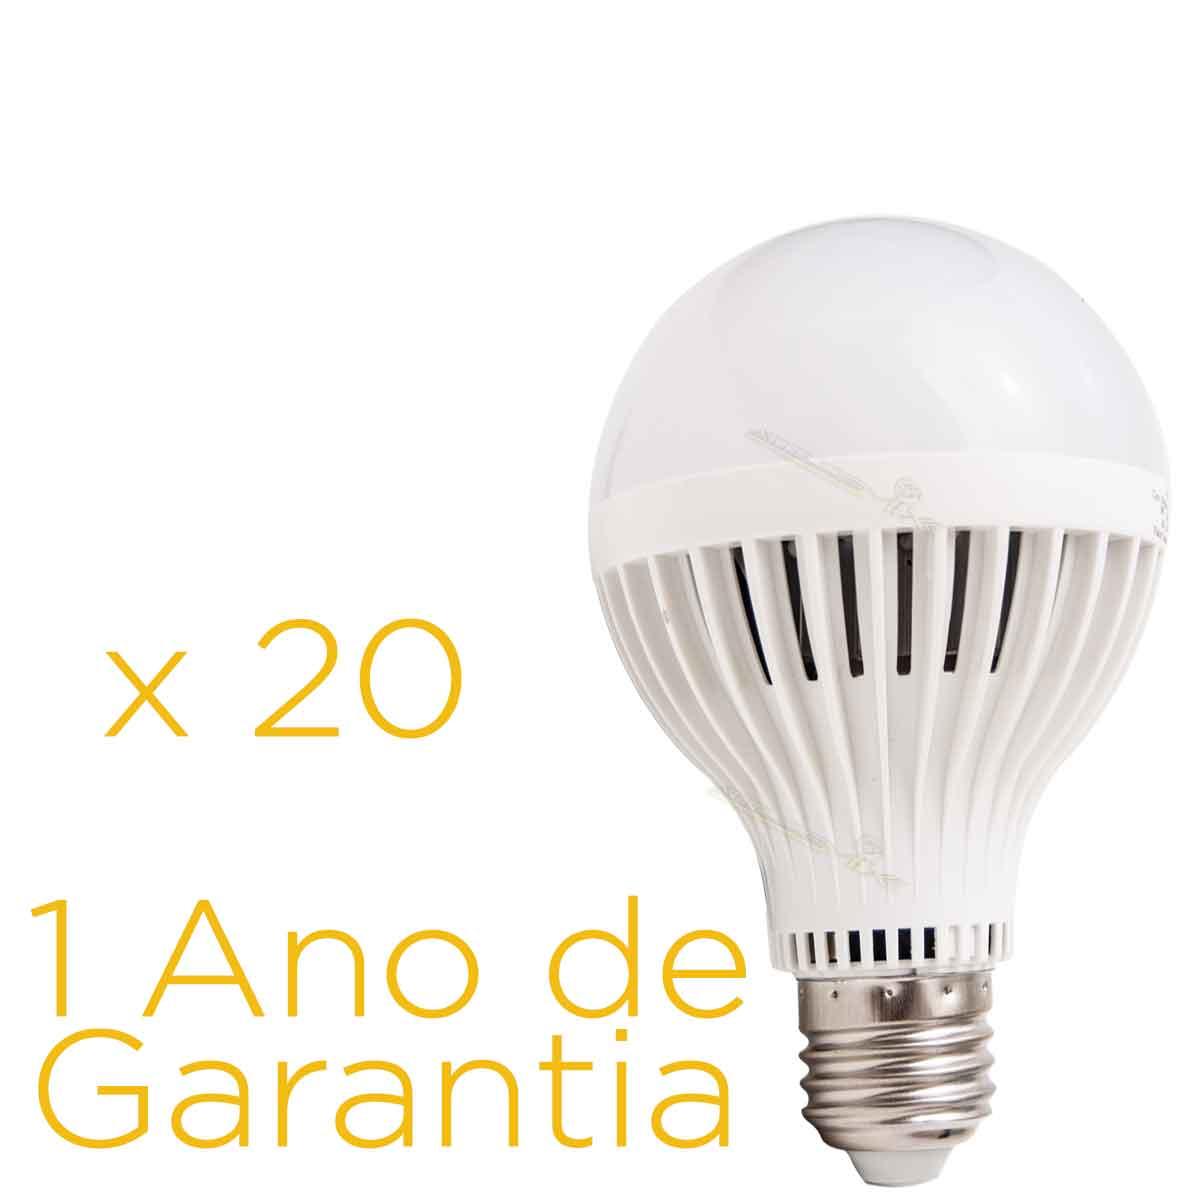 Kit 20 Lâmpadas Led 9w E27 Bulbo Bi-volt 90% Mais Econômico